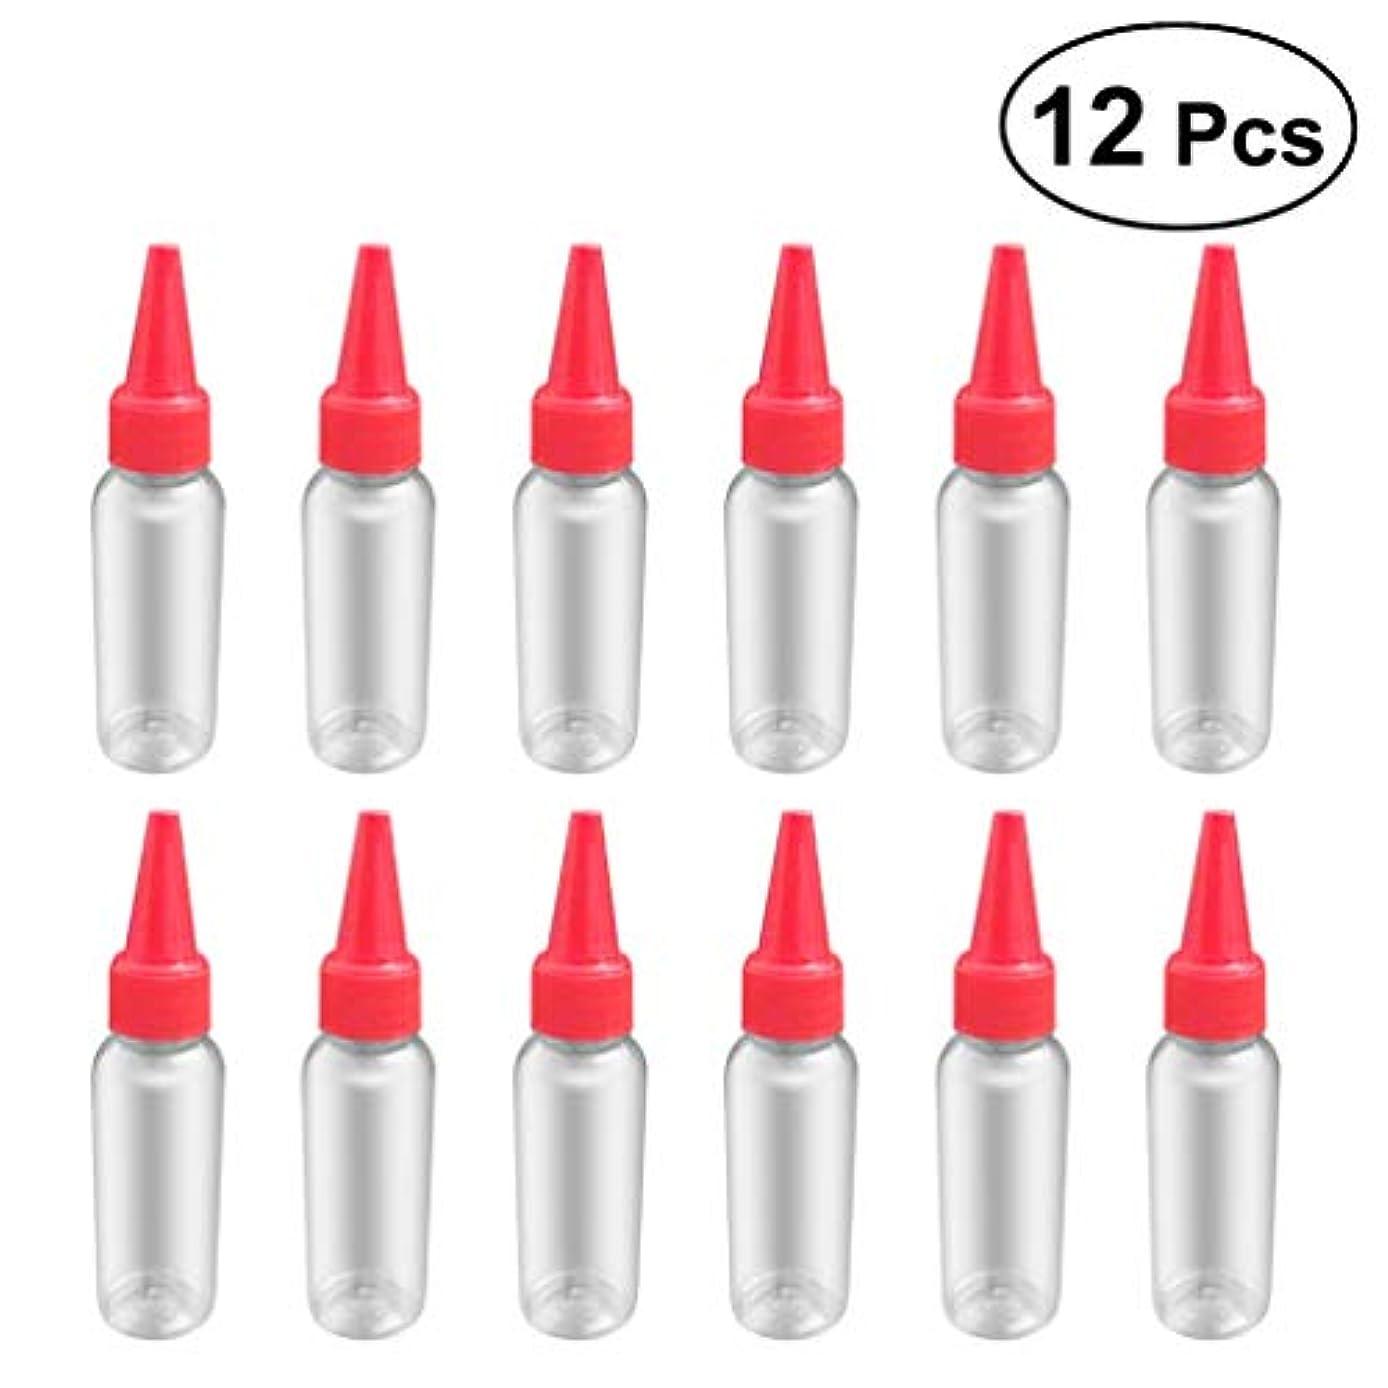 残基複製隔離するSUPVOX 12ピース プラスチック アプリケーターボトル スクイズフロー デザイン チップキャップ 空ボトル 用液体 オイルグルー ディスペンサー ヘアカラー 40ml(赤)